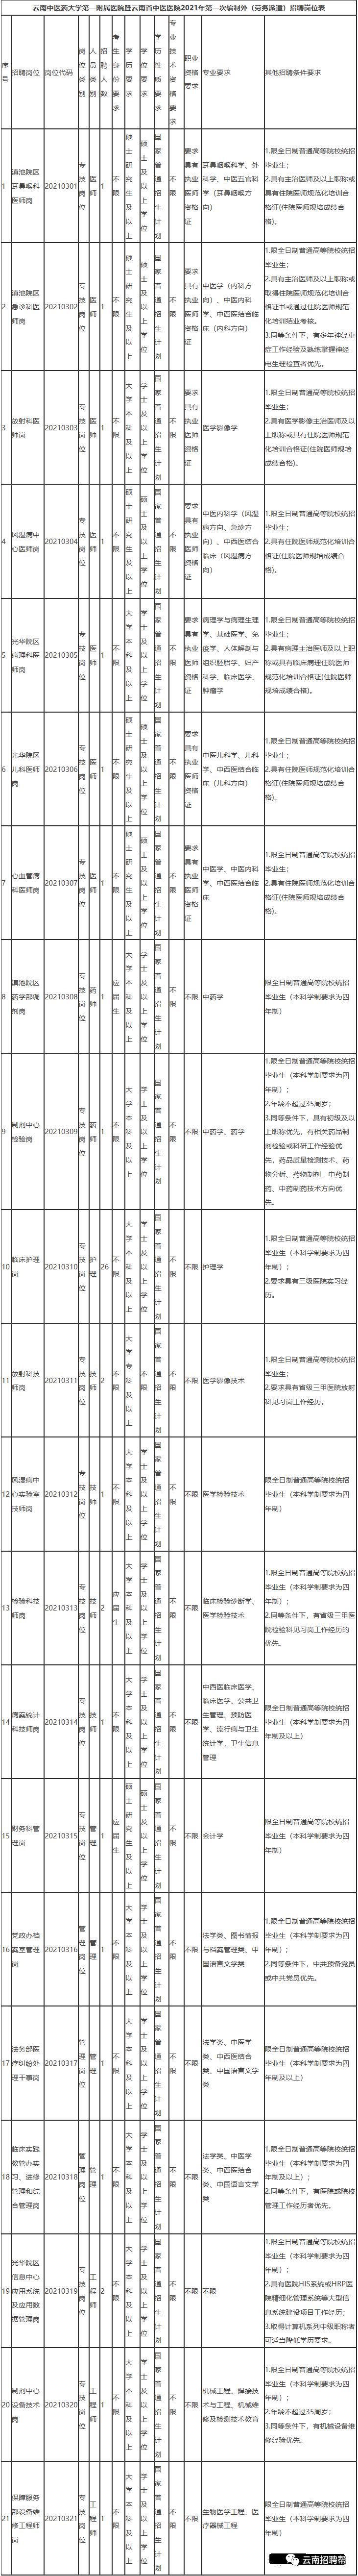 2021年云南省中医医院招聘49人 专科学历 应往届均可 